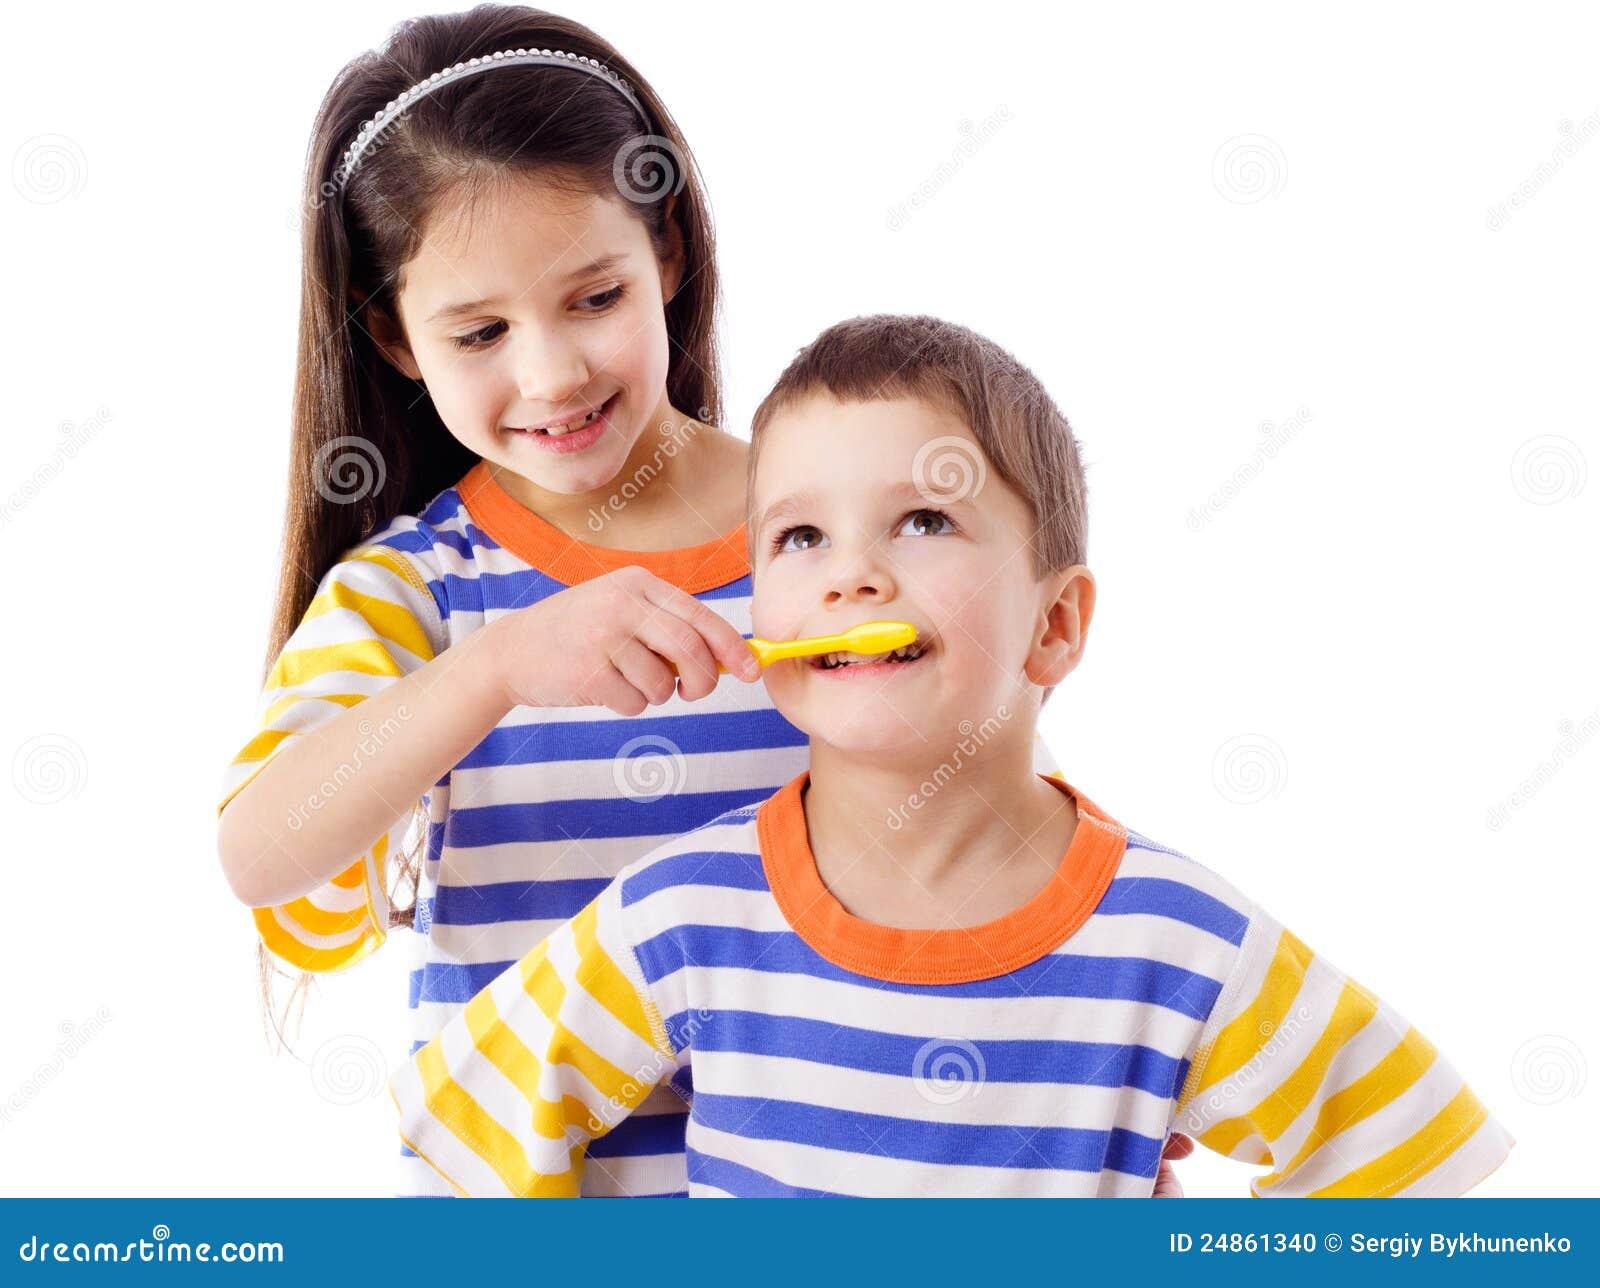 Girl teaches a boy to brush your teeth